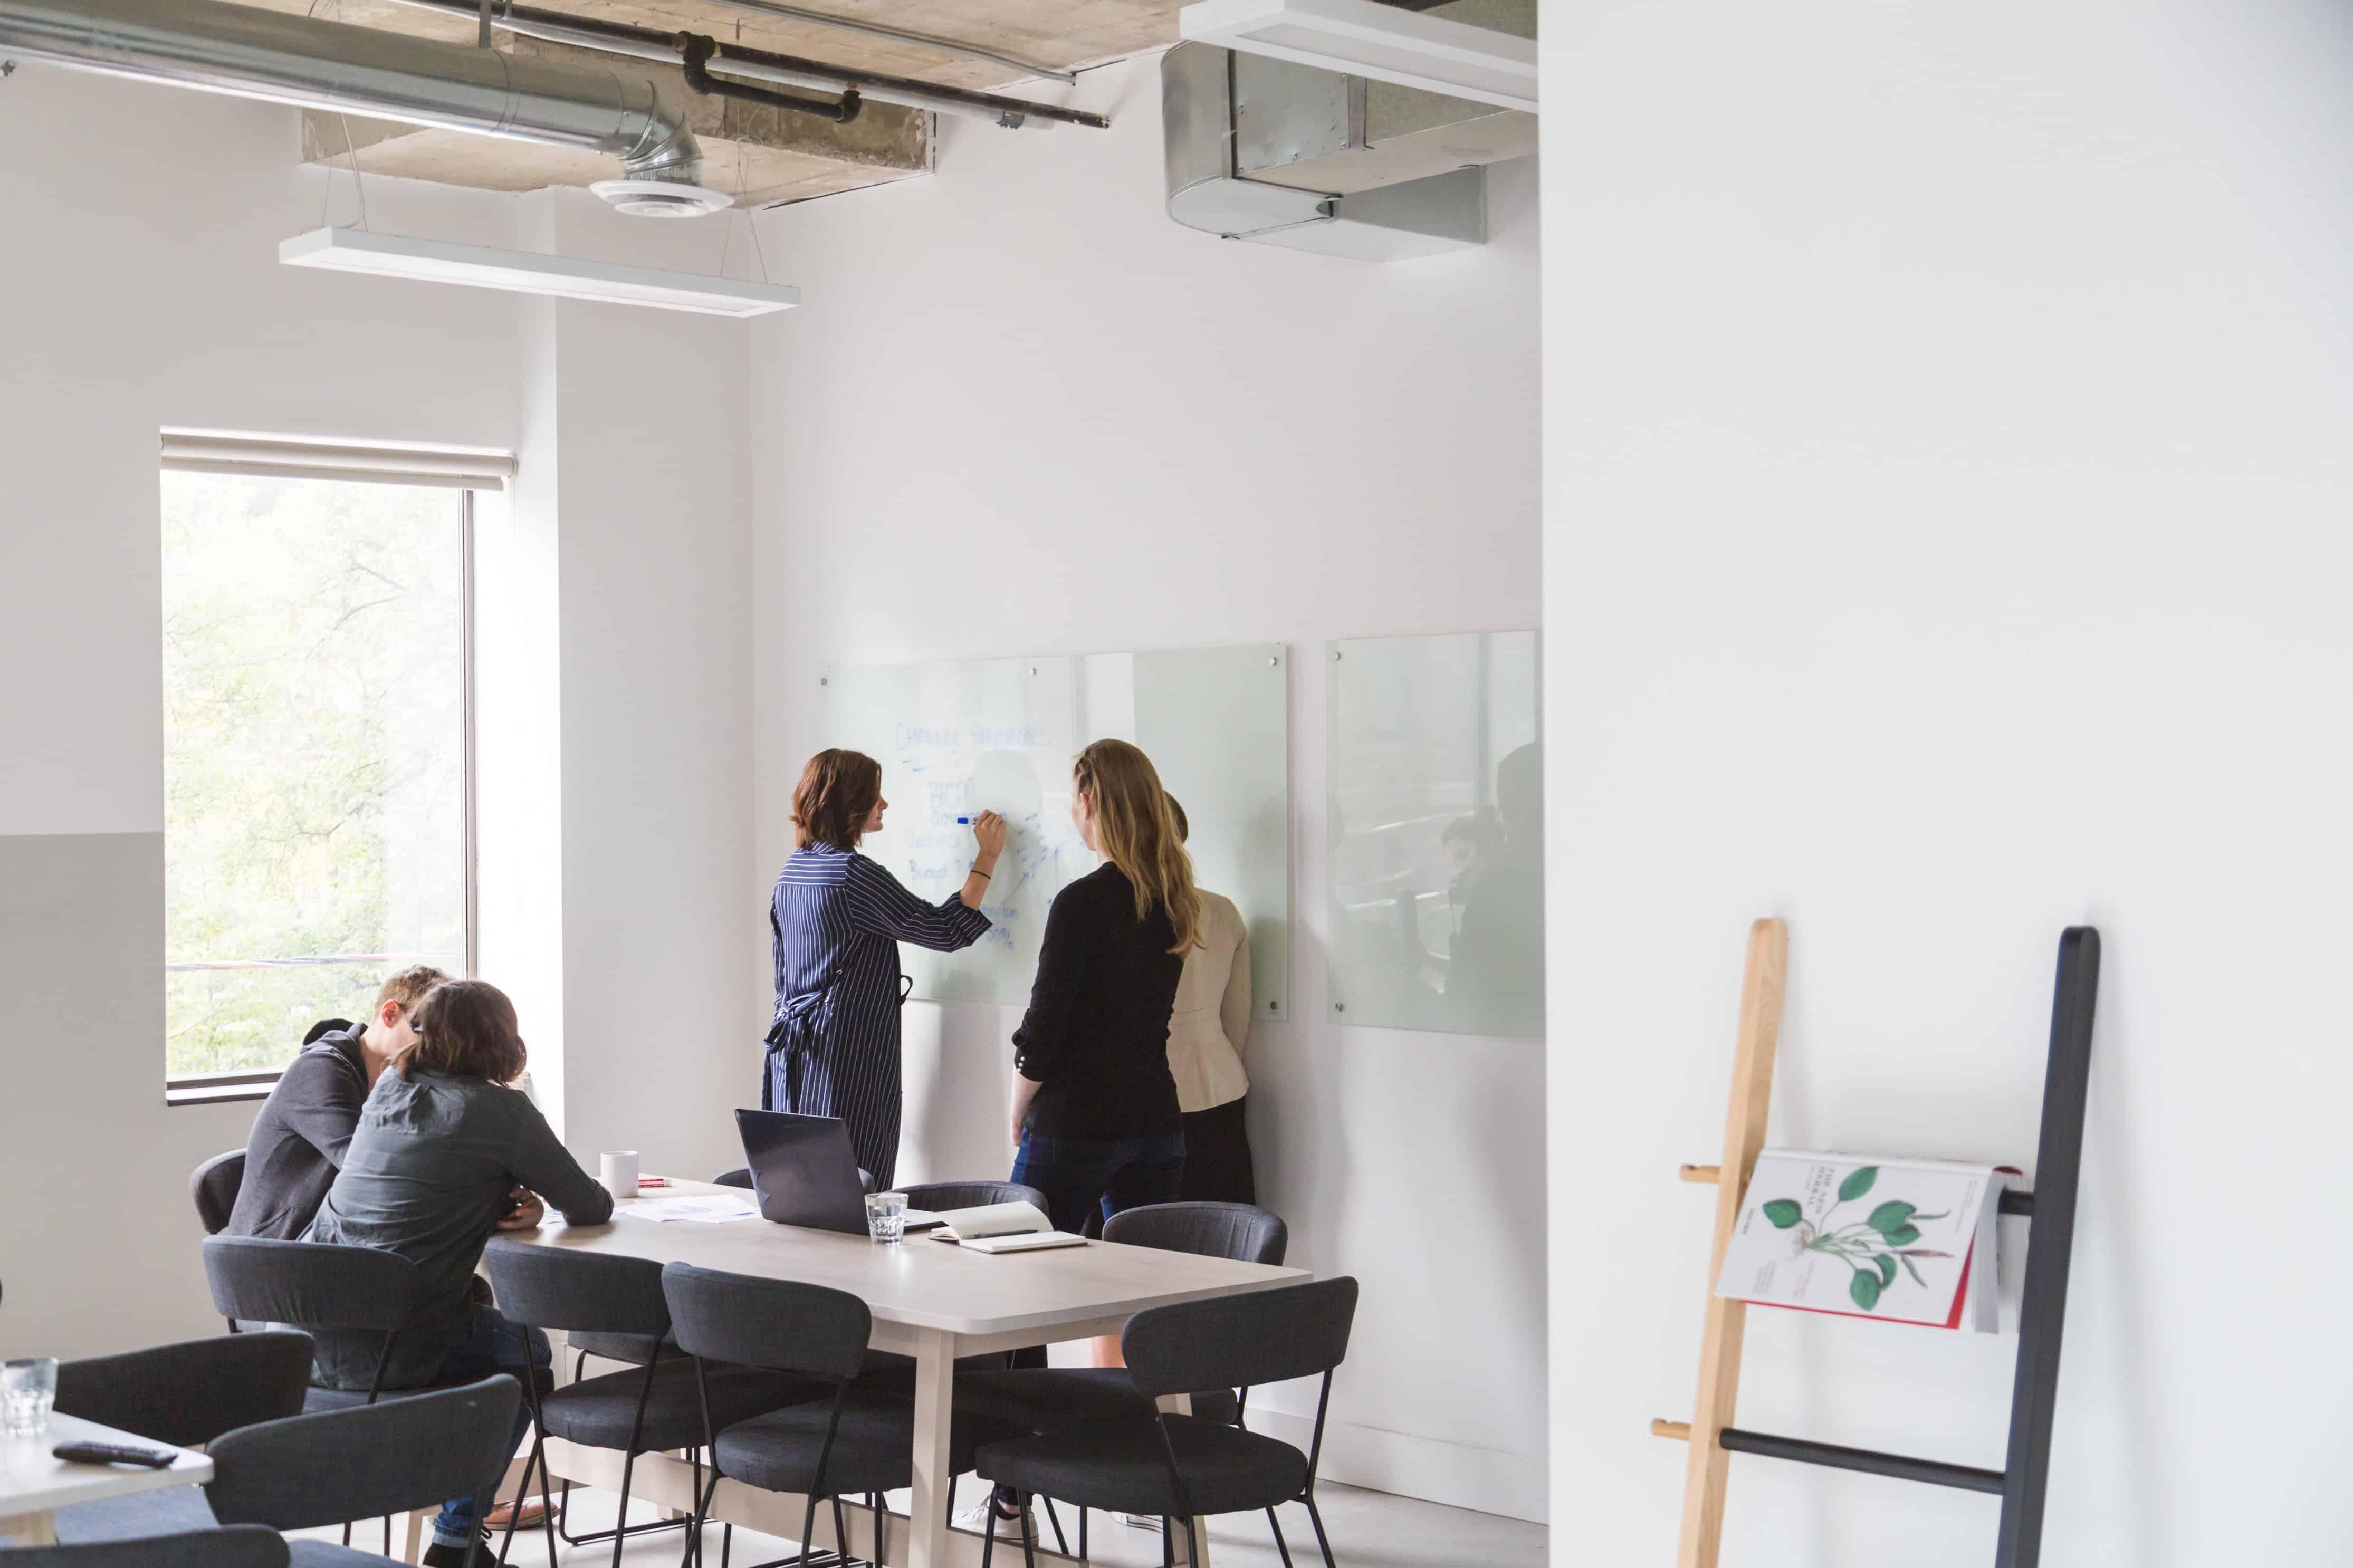 office space brainstorming